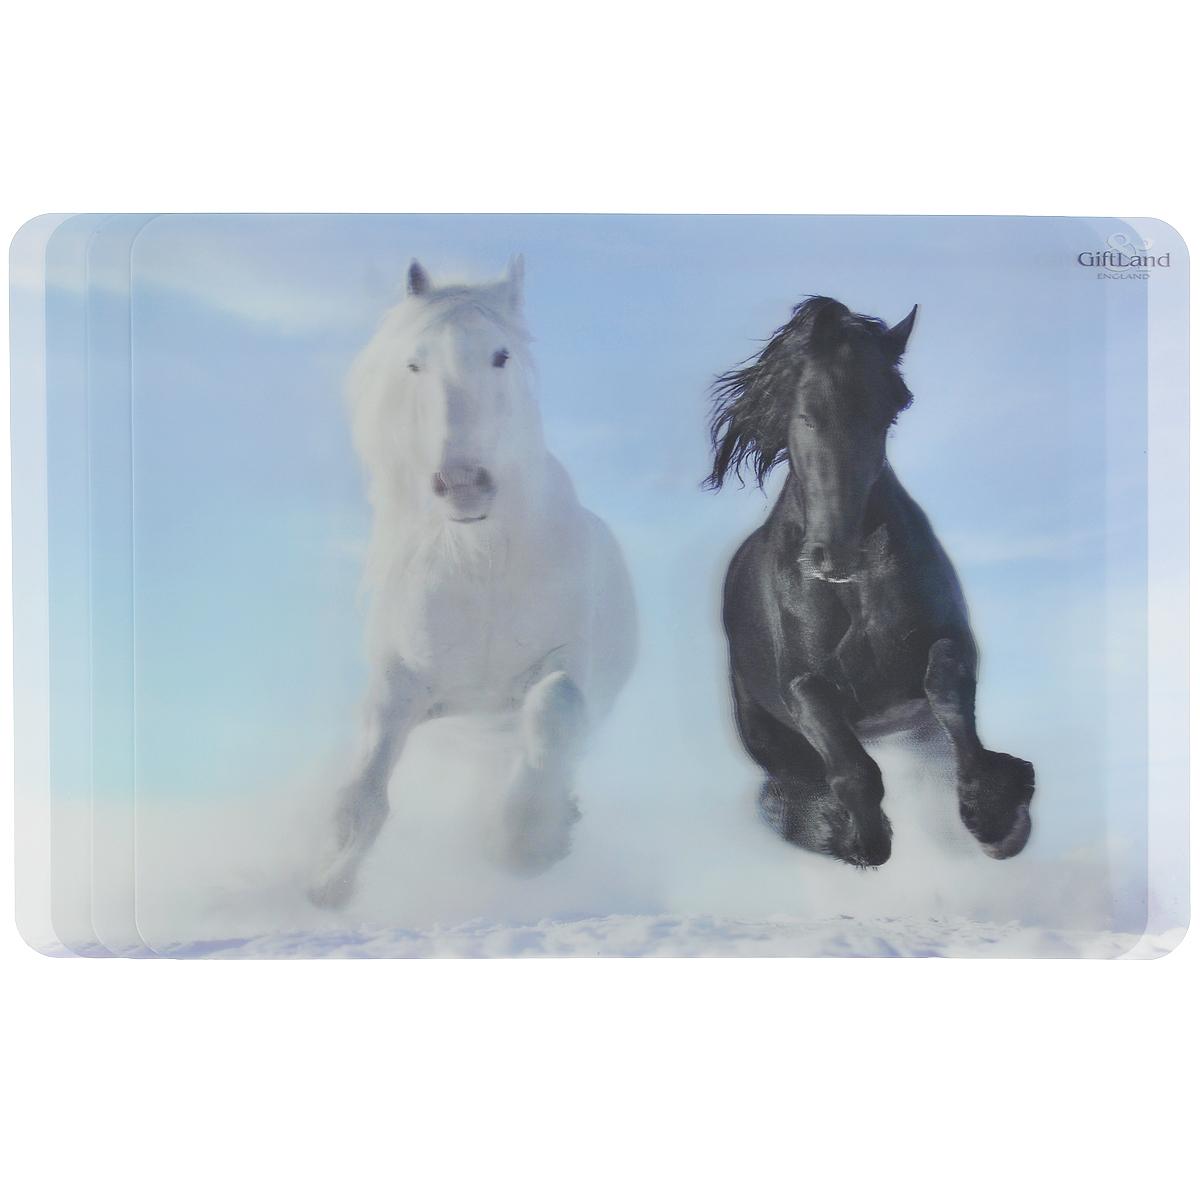 Набор сервировочных салфеток 3D GiftLand Лошади, 34,5 х 24,5 см, 4 штVT-1520(SR)Набор GiftLand Лошади, изготовленный из полипропилена, состоит из четырех сервировочных салфеток с эффектом 3D. Такие салфетки - это отличная идея для сервировки! Салфетки декорированы ярким объемным изображением черной и белой лошадей. Изделия защищают поверхность стола от воздействия температур, влаги и загрязнений, а также украшают интерьер. Могут использоваться для детского творчества (рисования, лепки из пластилина) в качестве защитного покрытия, подставки под вазы, кухонные приборы.Размер салфетки: 34,5 см х 24,5 см.